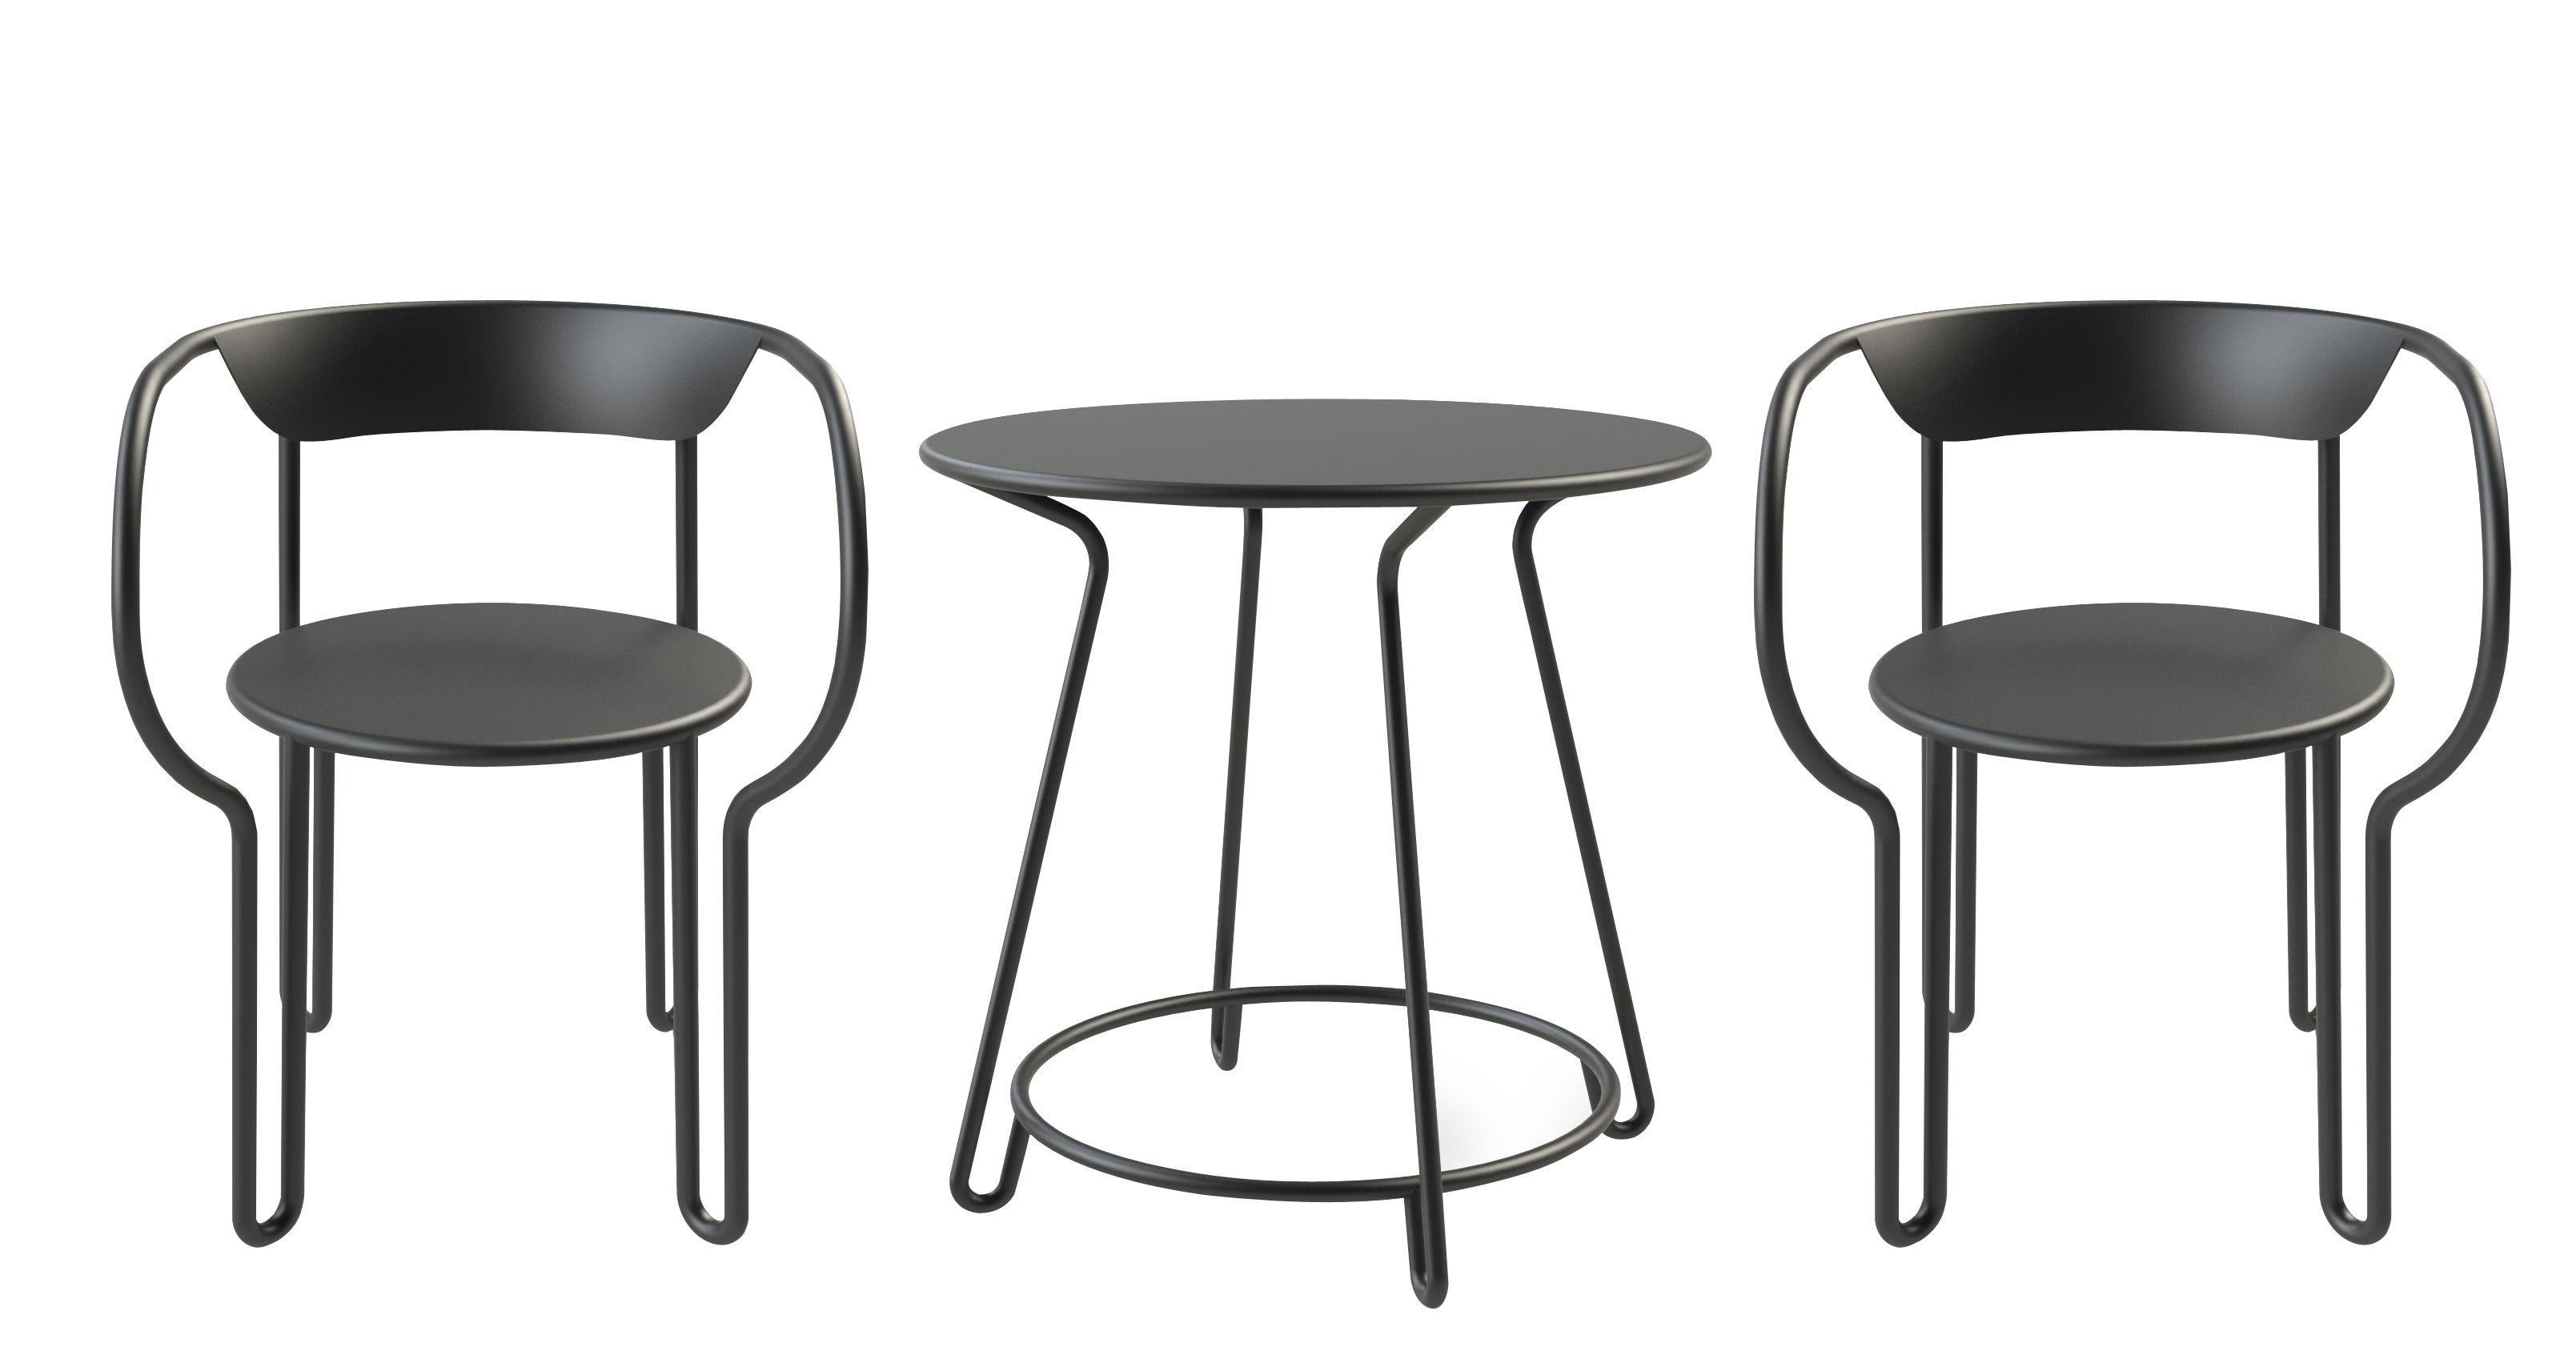 Outdoor - Tavoli  - Set tavolo & sedie Huggy - / Tavolo Ø 75 cm + 2 poltrone di Maiori - Carbone - alluminio verniciato